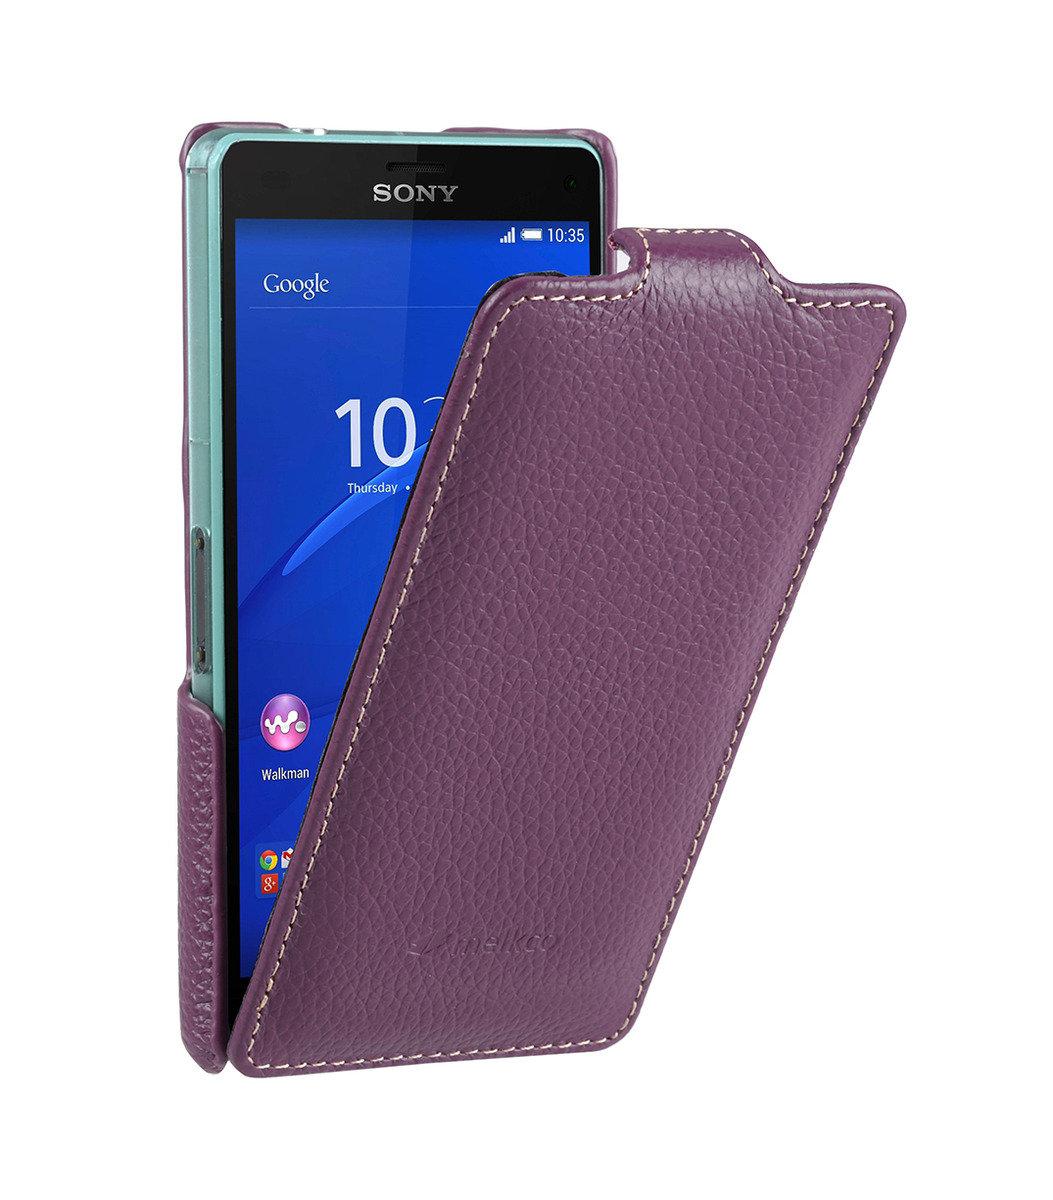 Sony Xperia Z3 Compact / Z3 Mini Jacka Type 高級真皮革手機套 (紫色荔枝條紋)